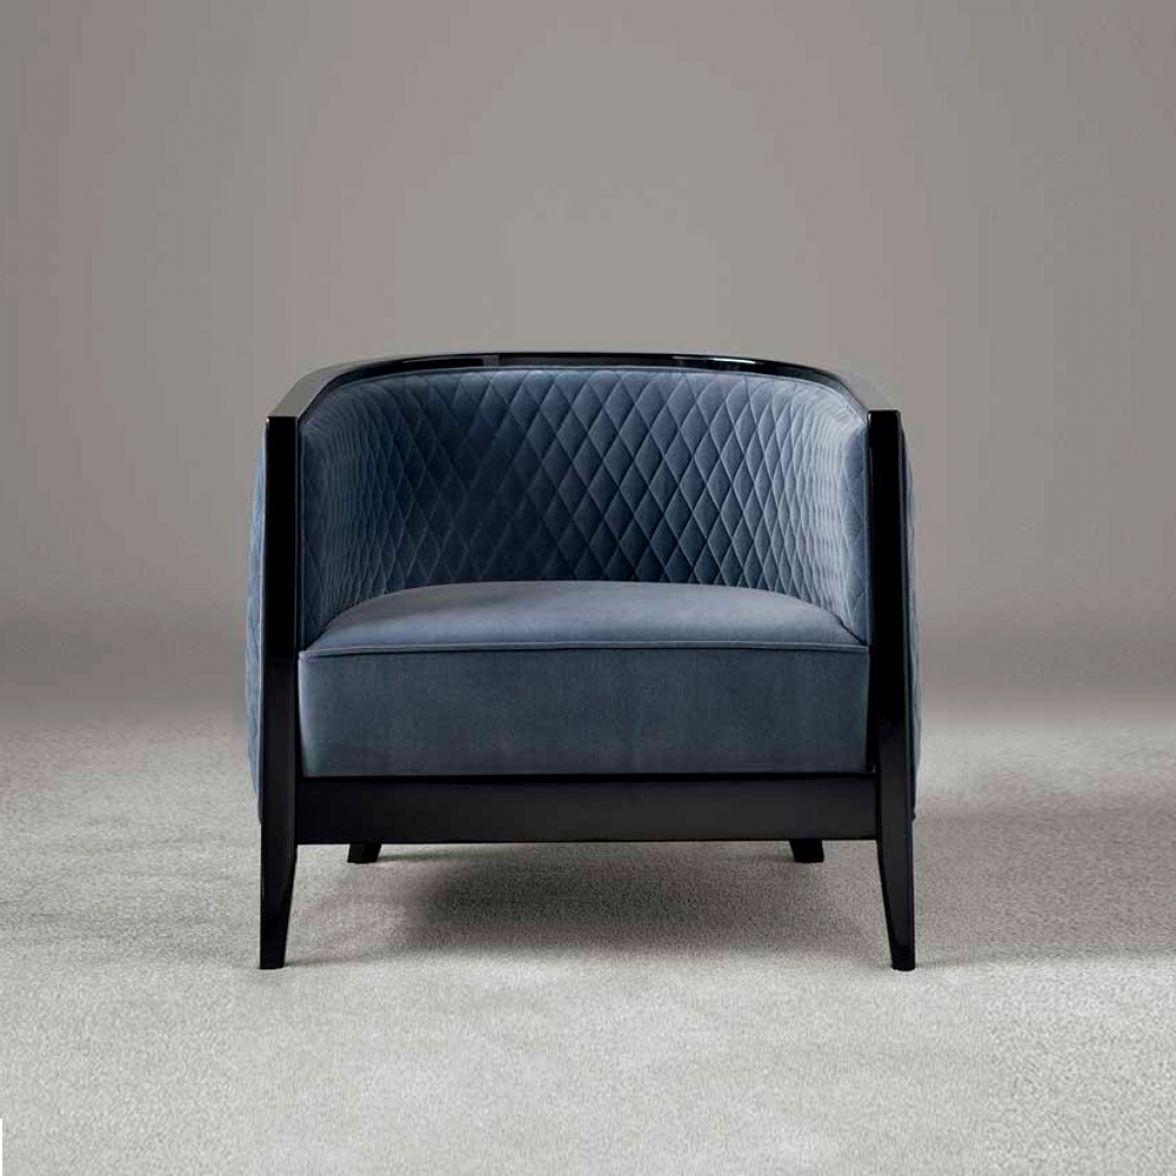 Saten armchair